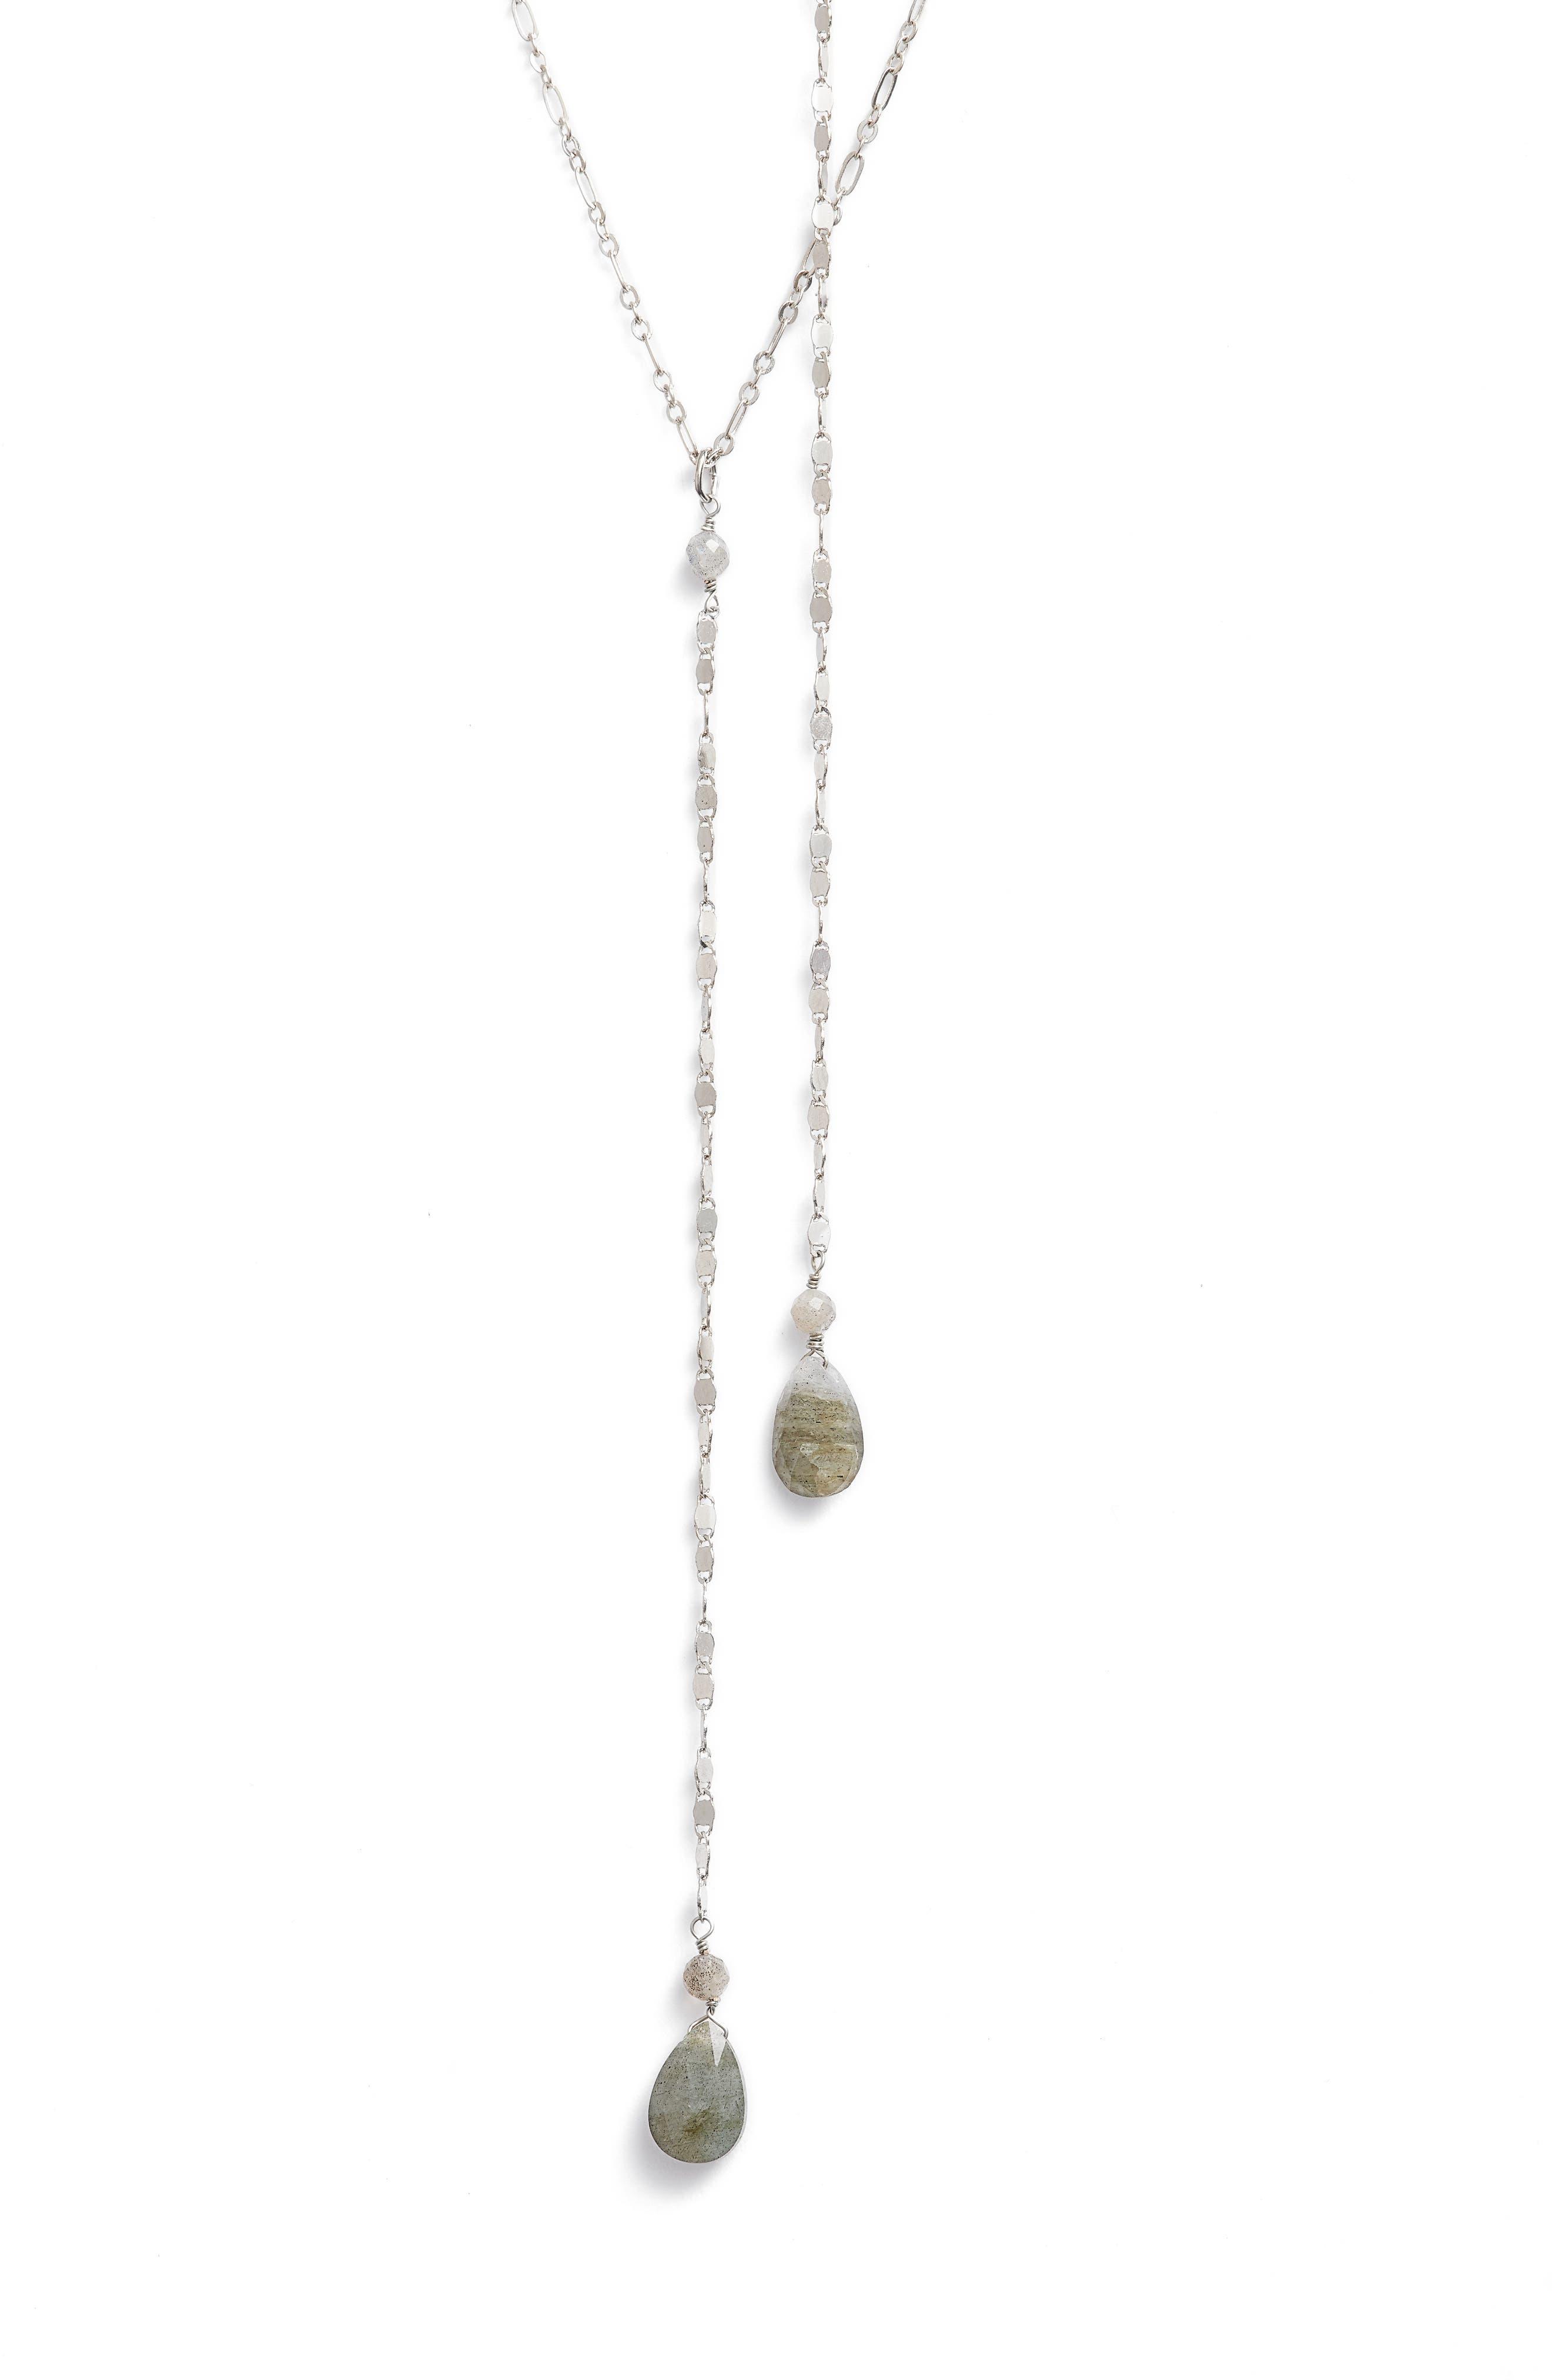 Labradorite Y-Necklace,                             Main thumbnail 1, color,                             Silver/ Labradorite